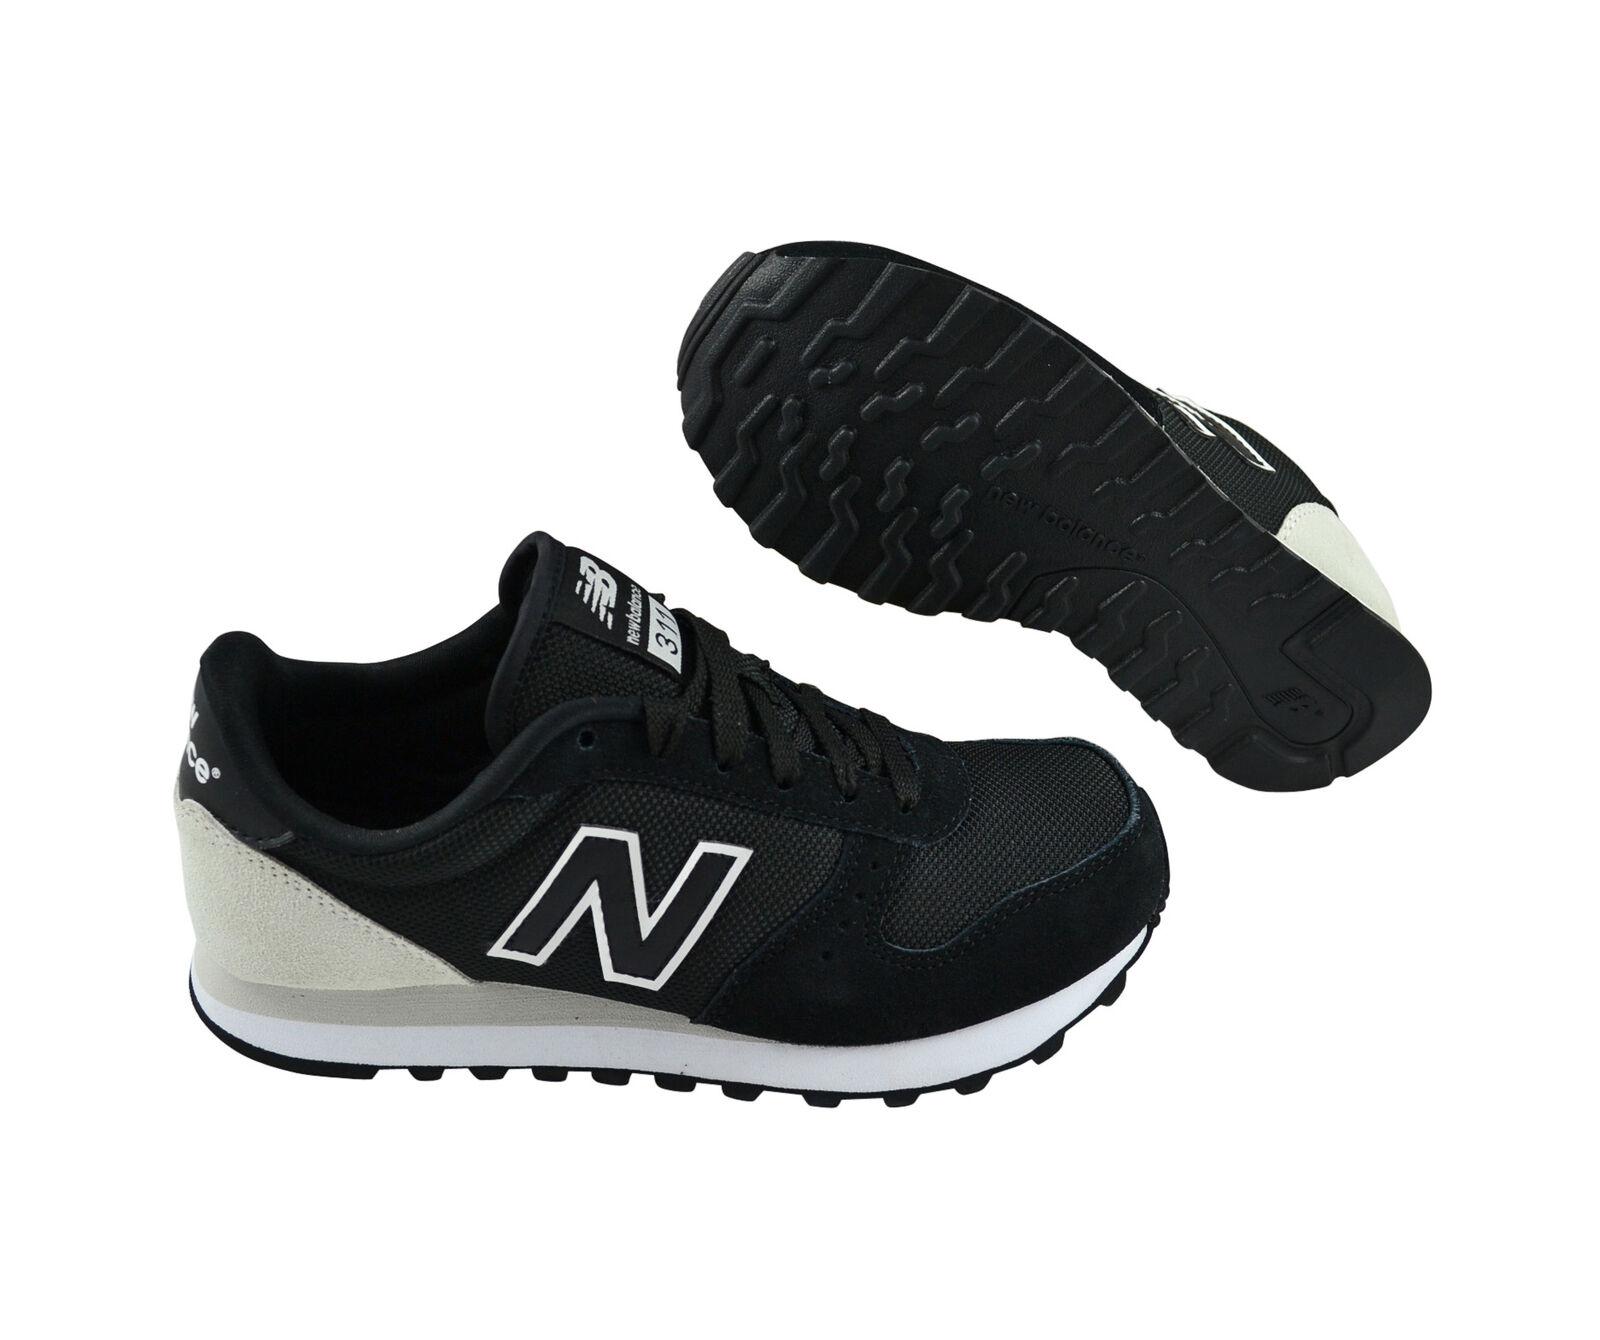 New New New Balance WL311 AAC - schwarz Schuhe Turnschuhe Größenauswahl 397ec5